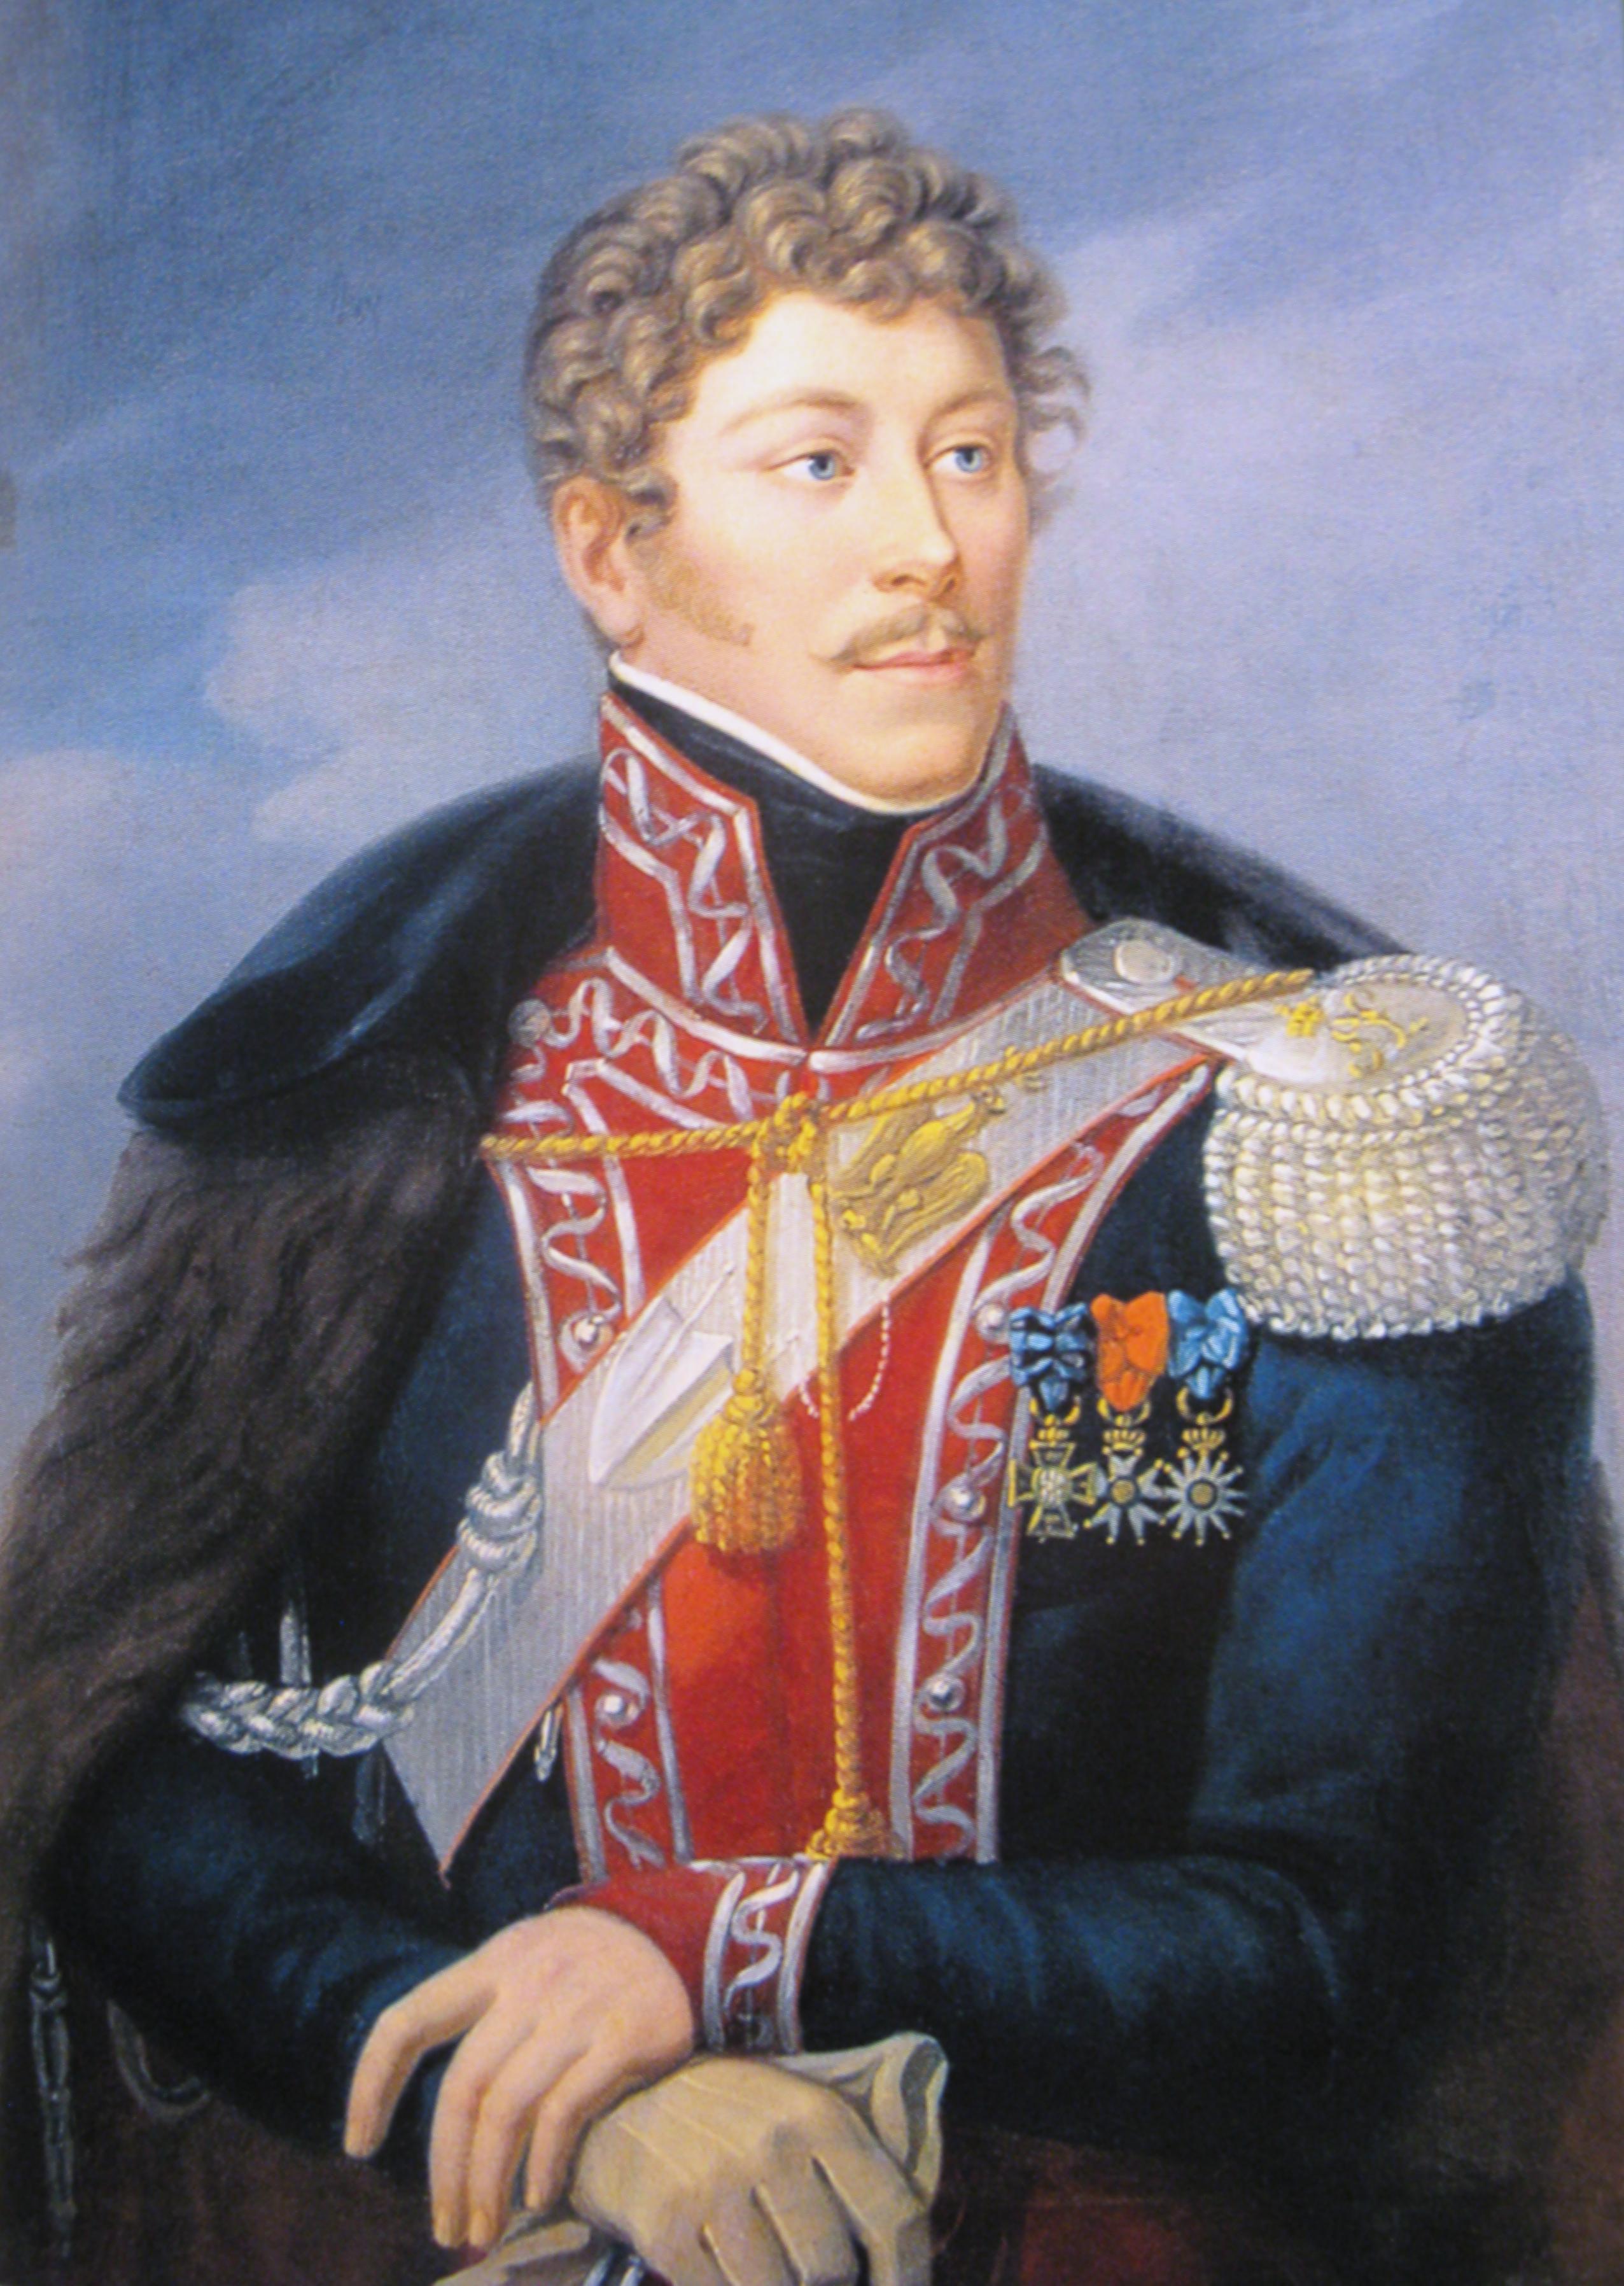 Jan Hipolit Kozietulski